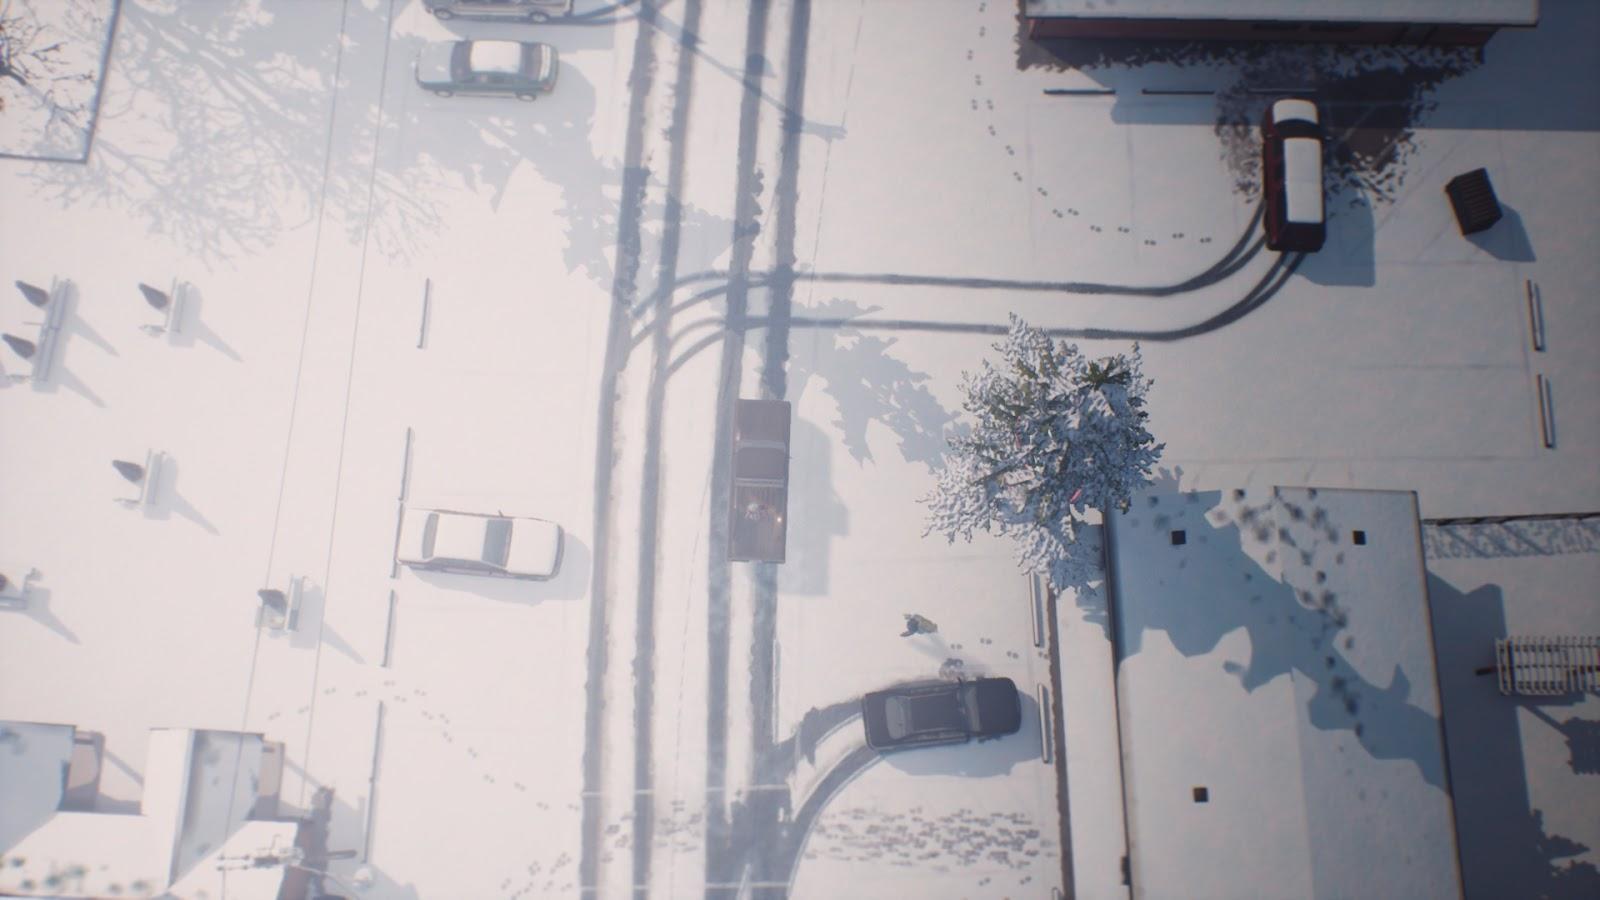 Hóval borított kisváros felülnézetből, elágazó keréknyomokkal.